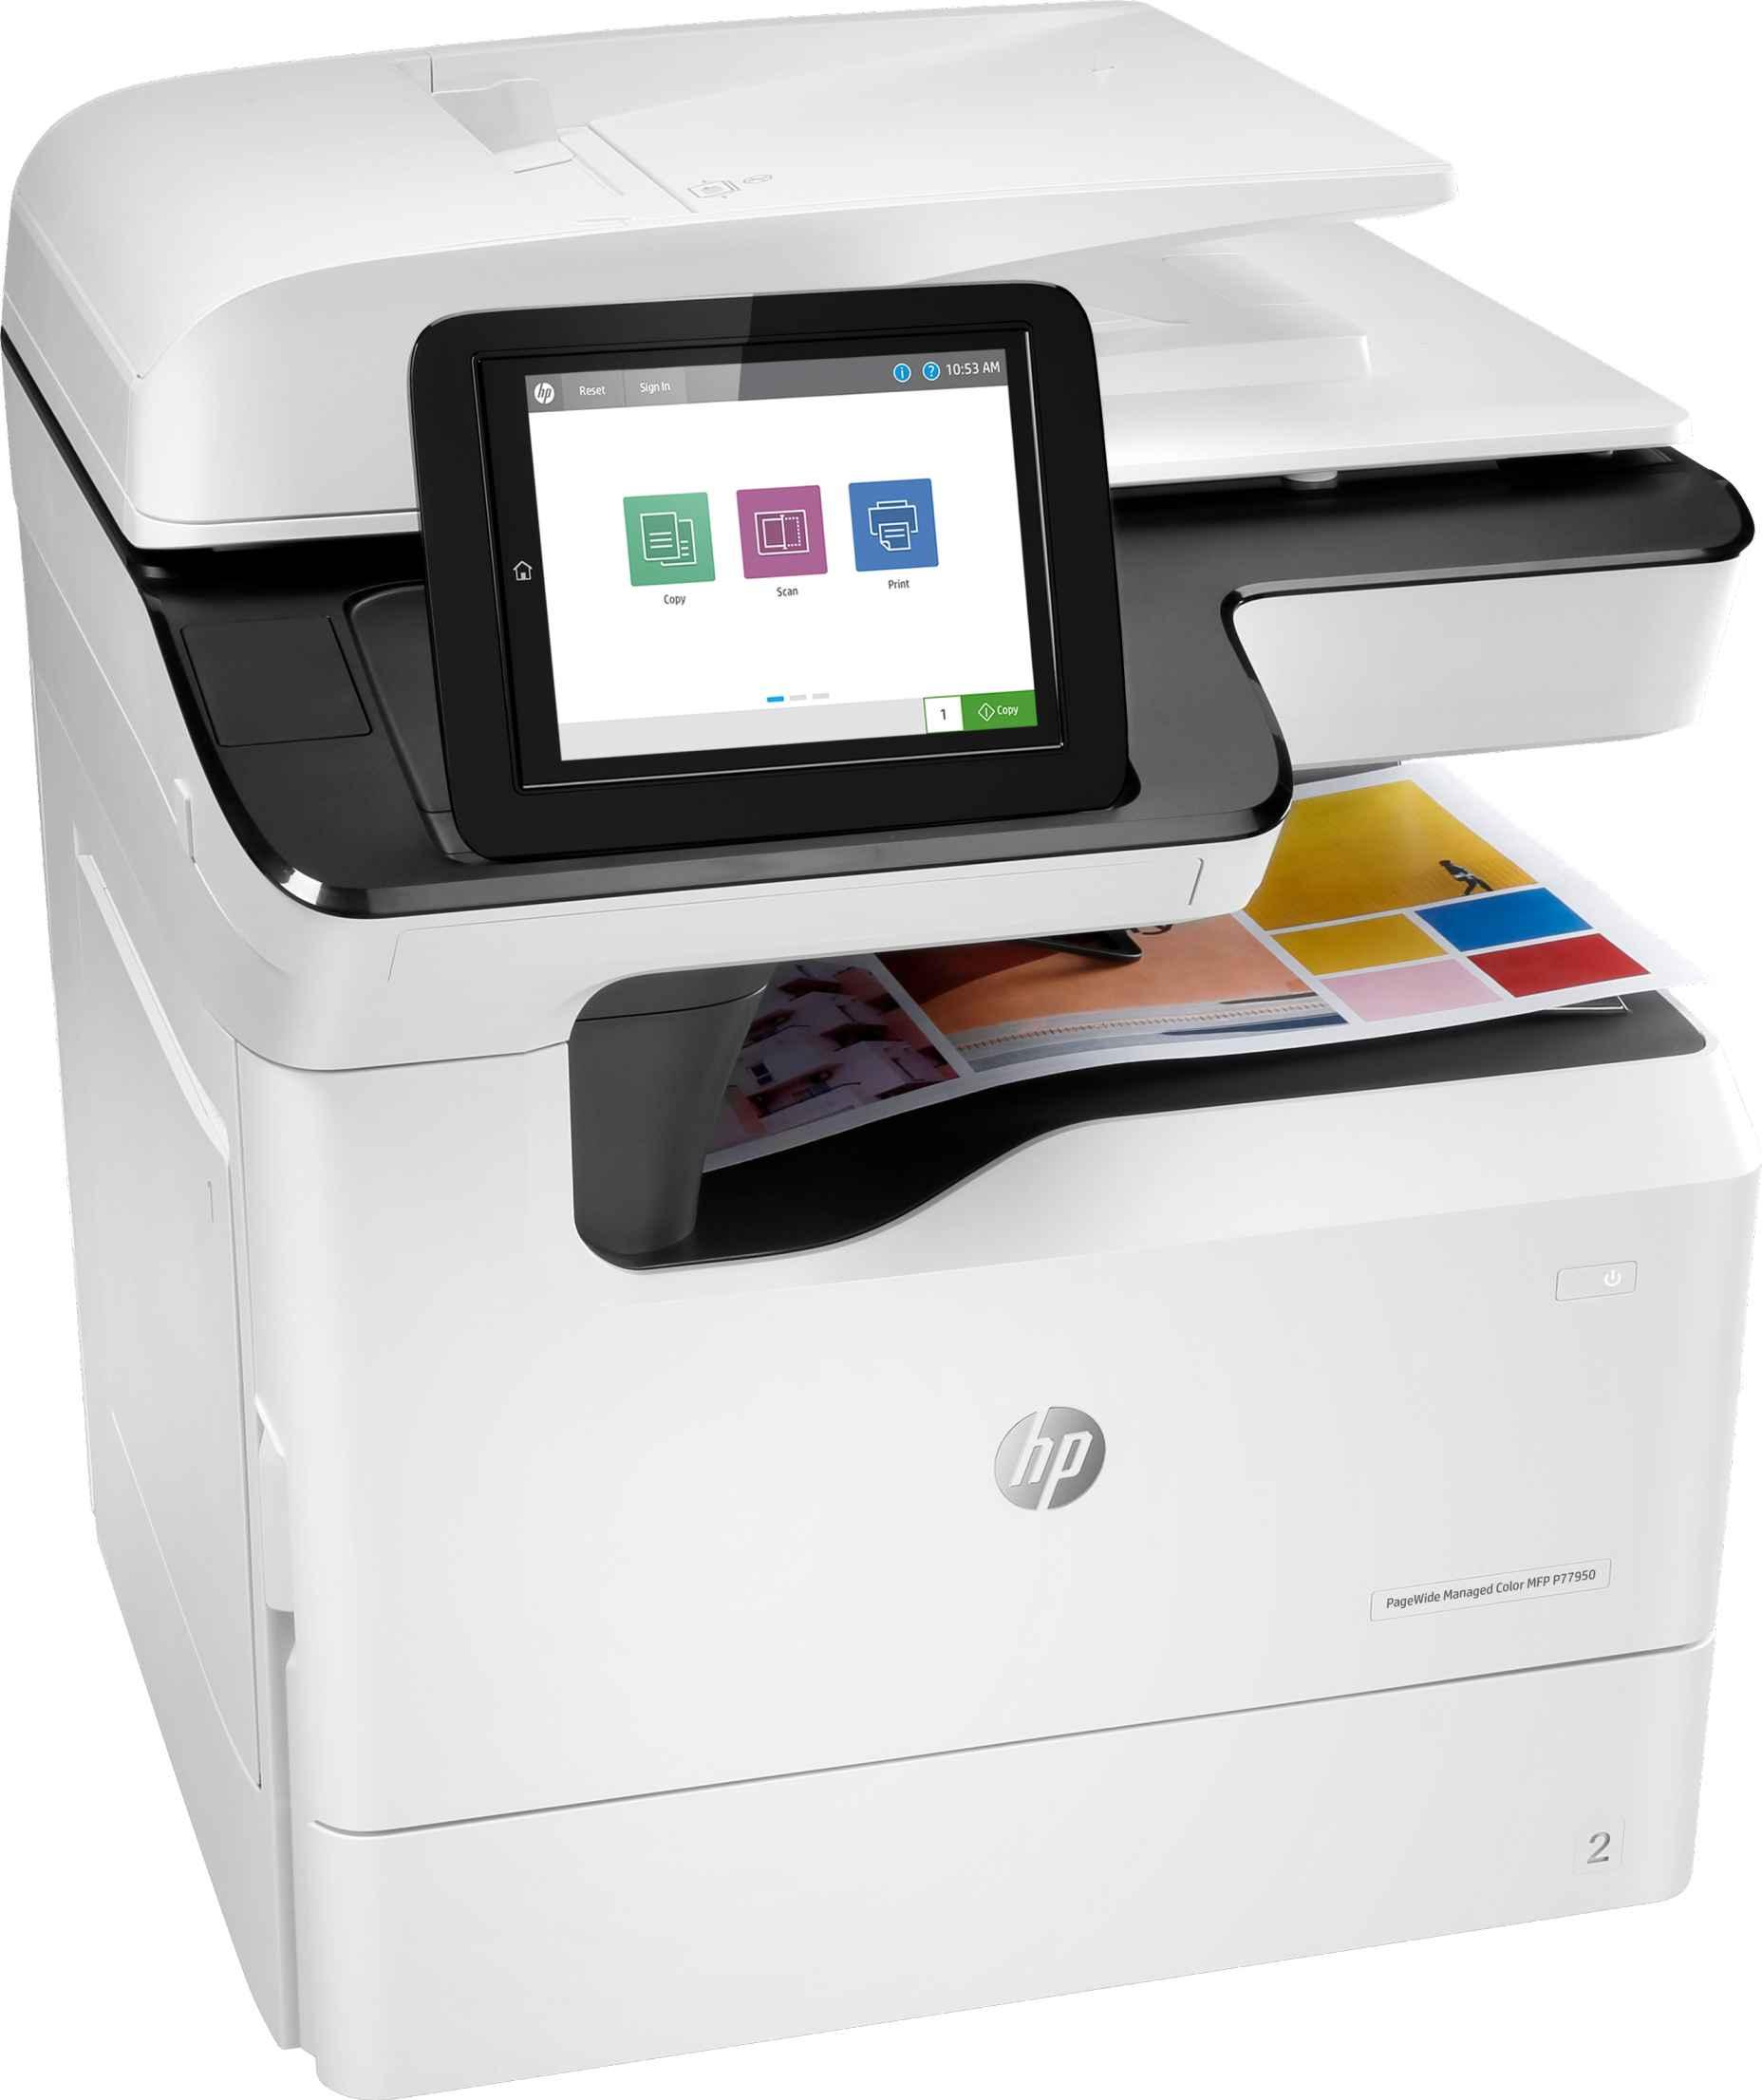 Impresora multifunción HP PageWide Managed Color P77950DN